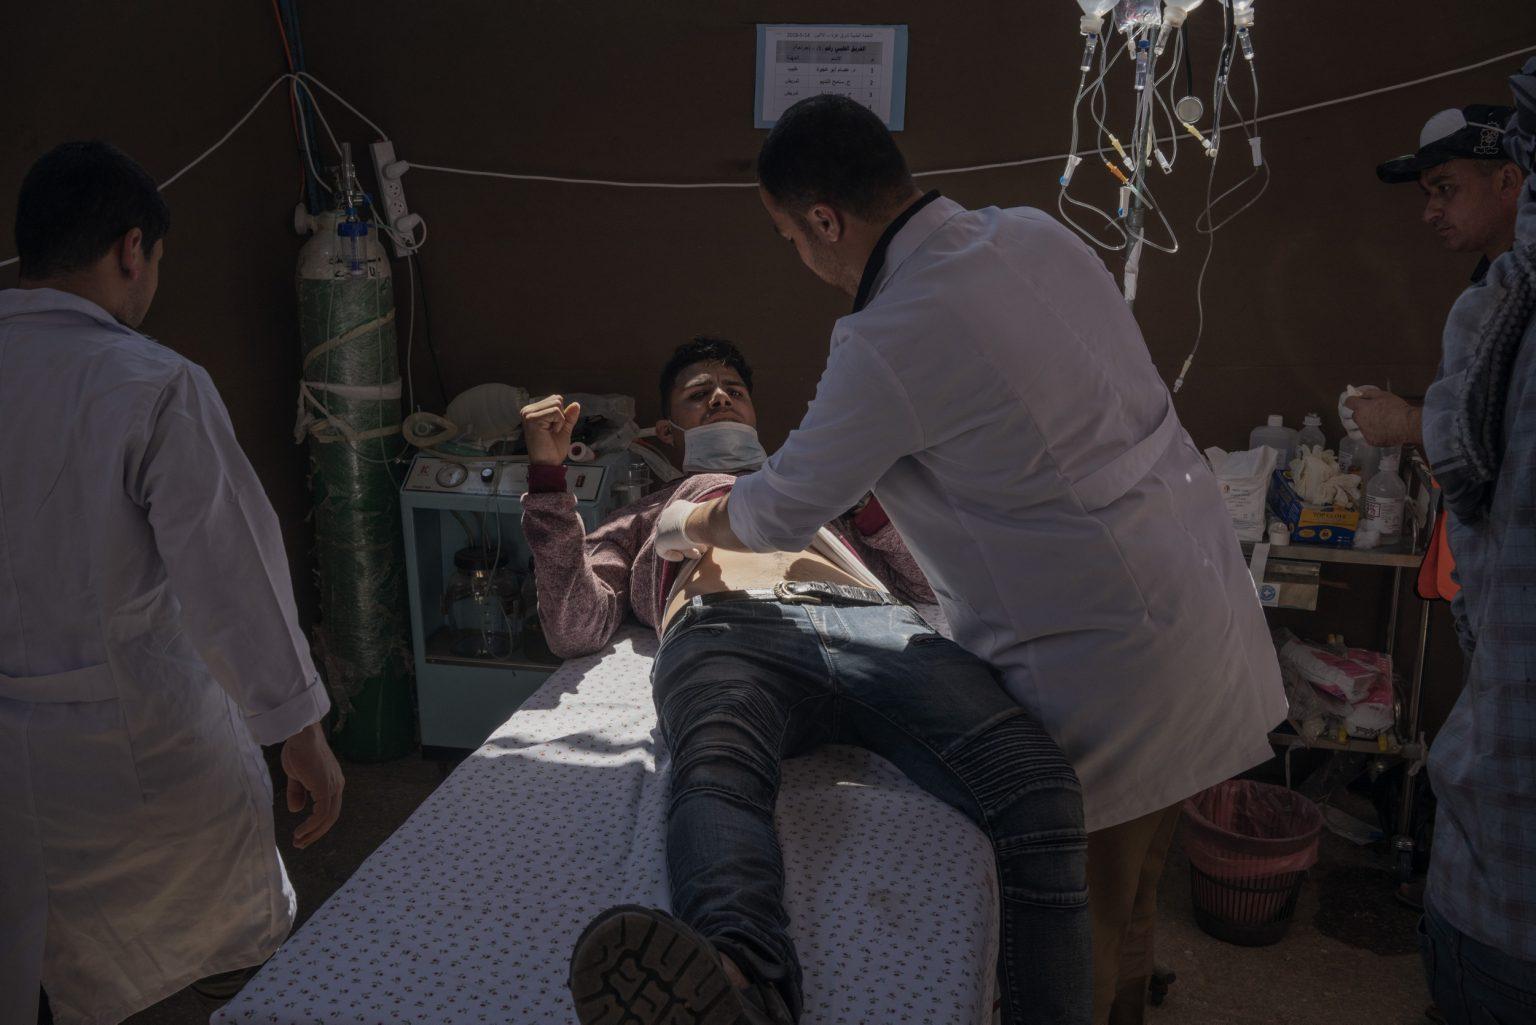 Gaza Strip, May 2018 - A man injured during the protest is assisted by medics in a field hospital set up along the Gaza-Israel border. >< Striscia di Gaza, maggio 2018 - Un ragazzo ferito durante le proteste viene asisstito dai dottori in un ospedale da campo lungo il confine tra Gaza e Israele.